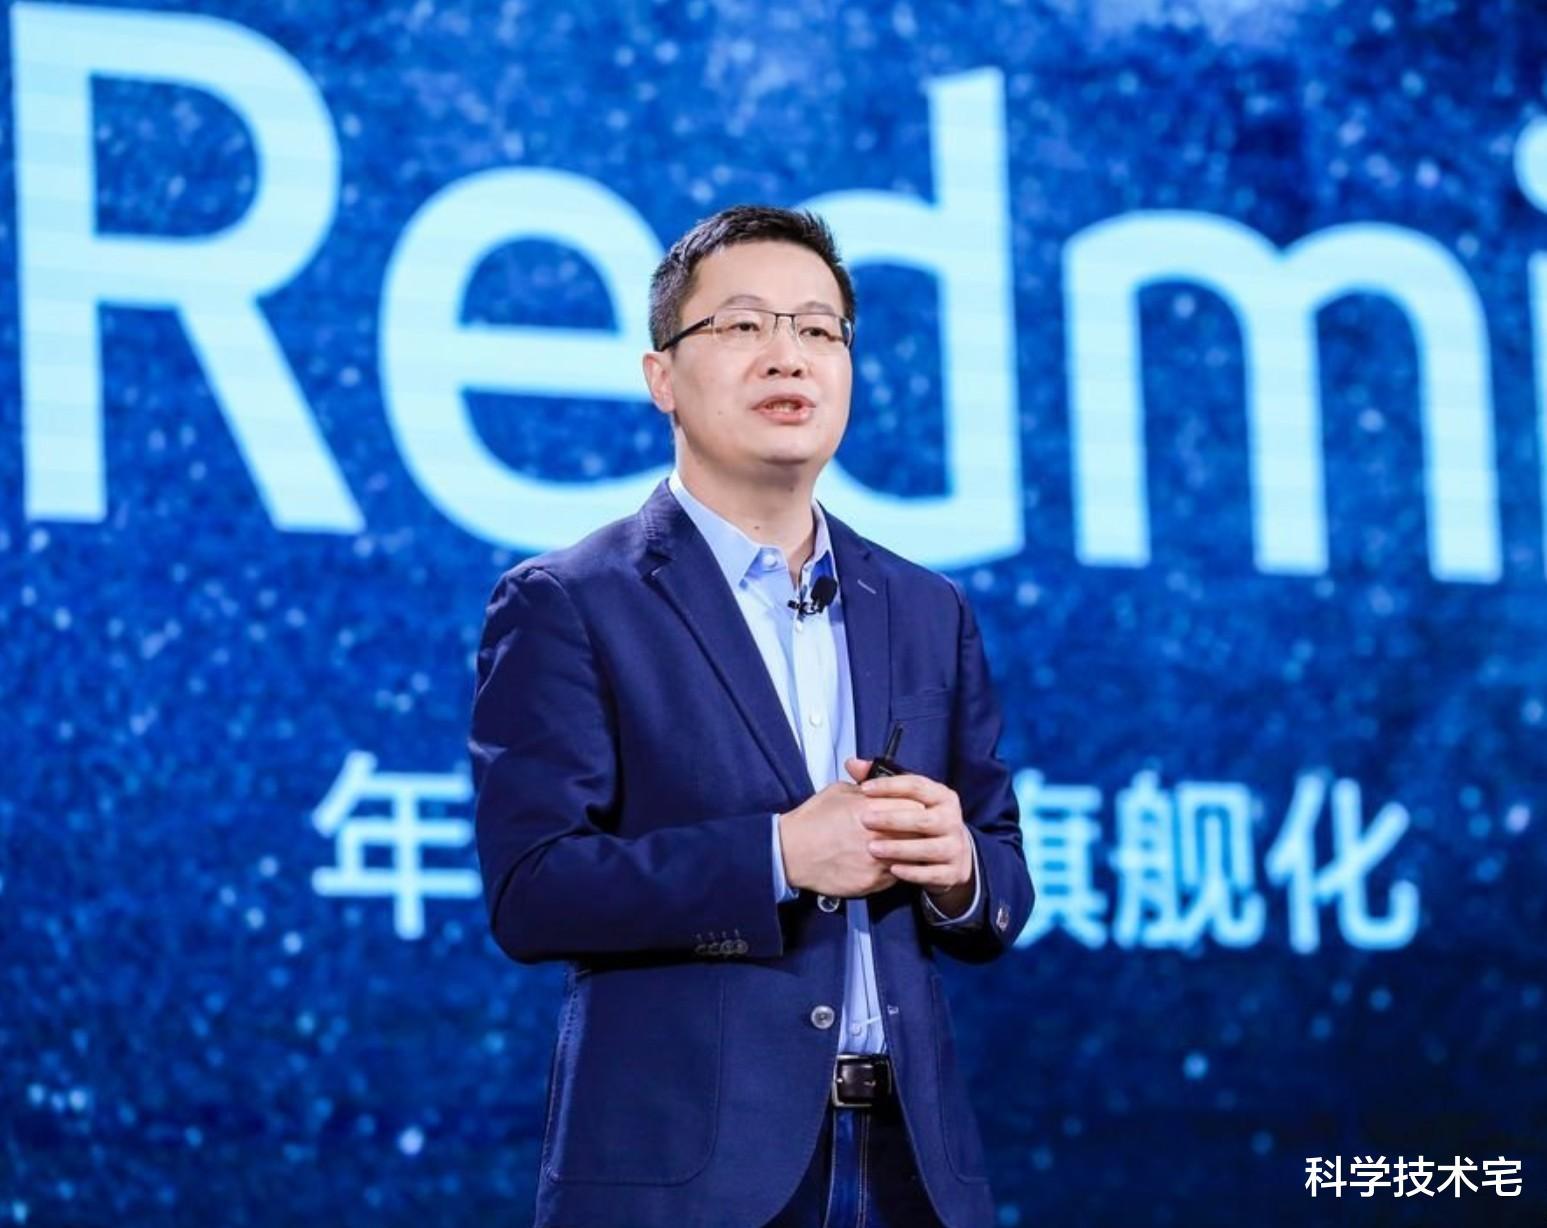 Redmi和iQOO推出的低价骁龙888手机! 好物评测 第3张